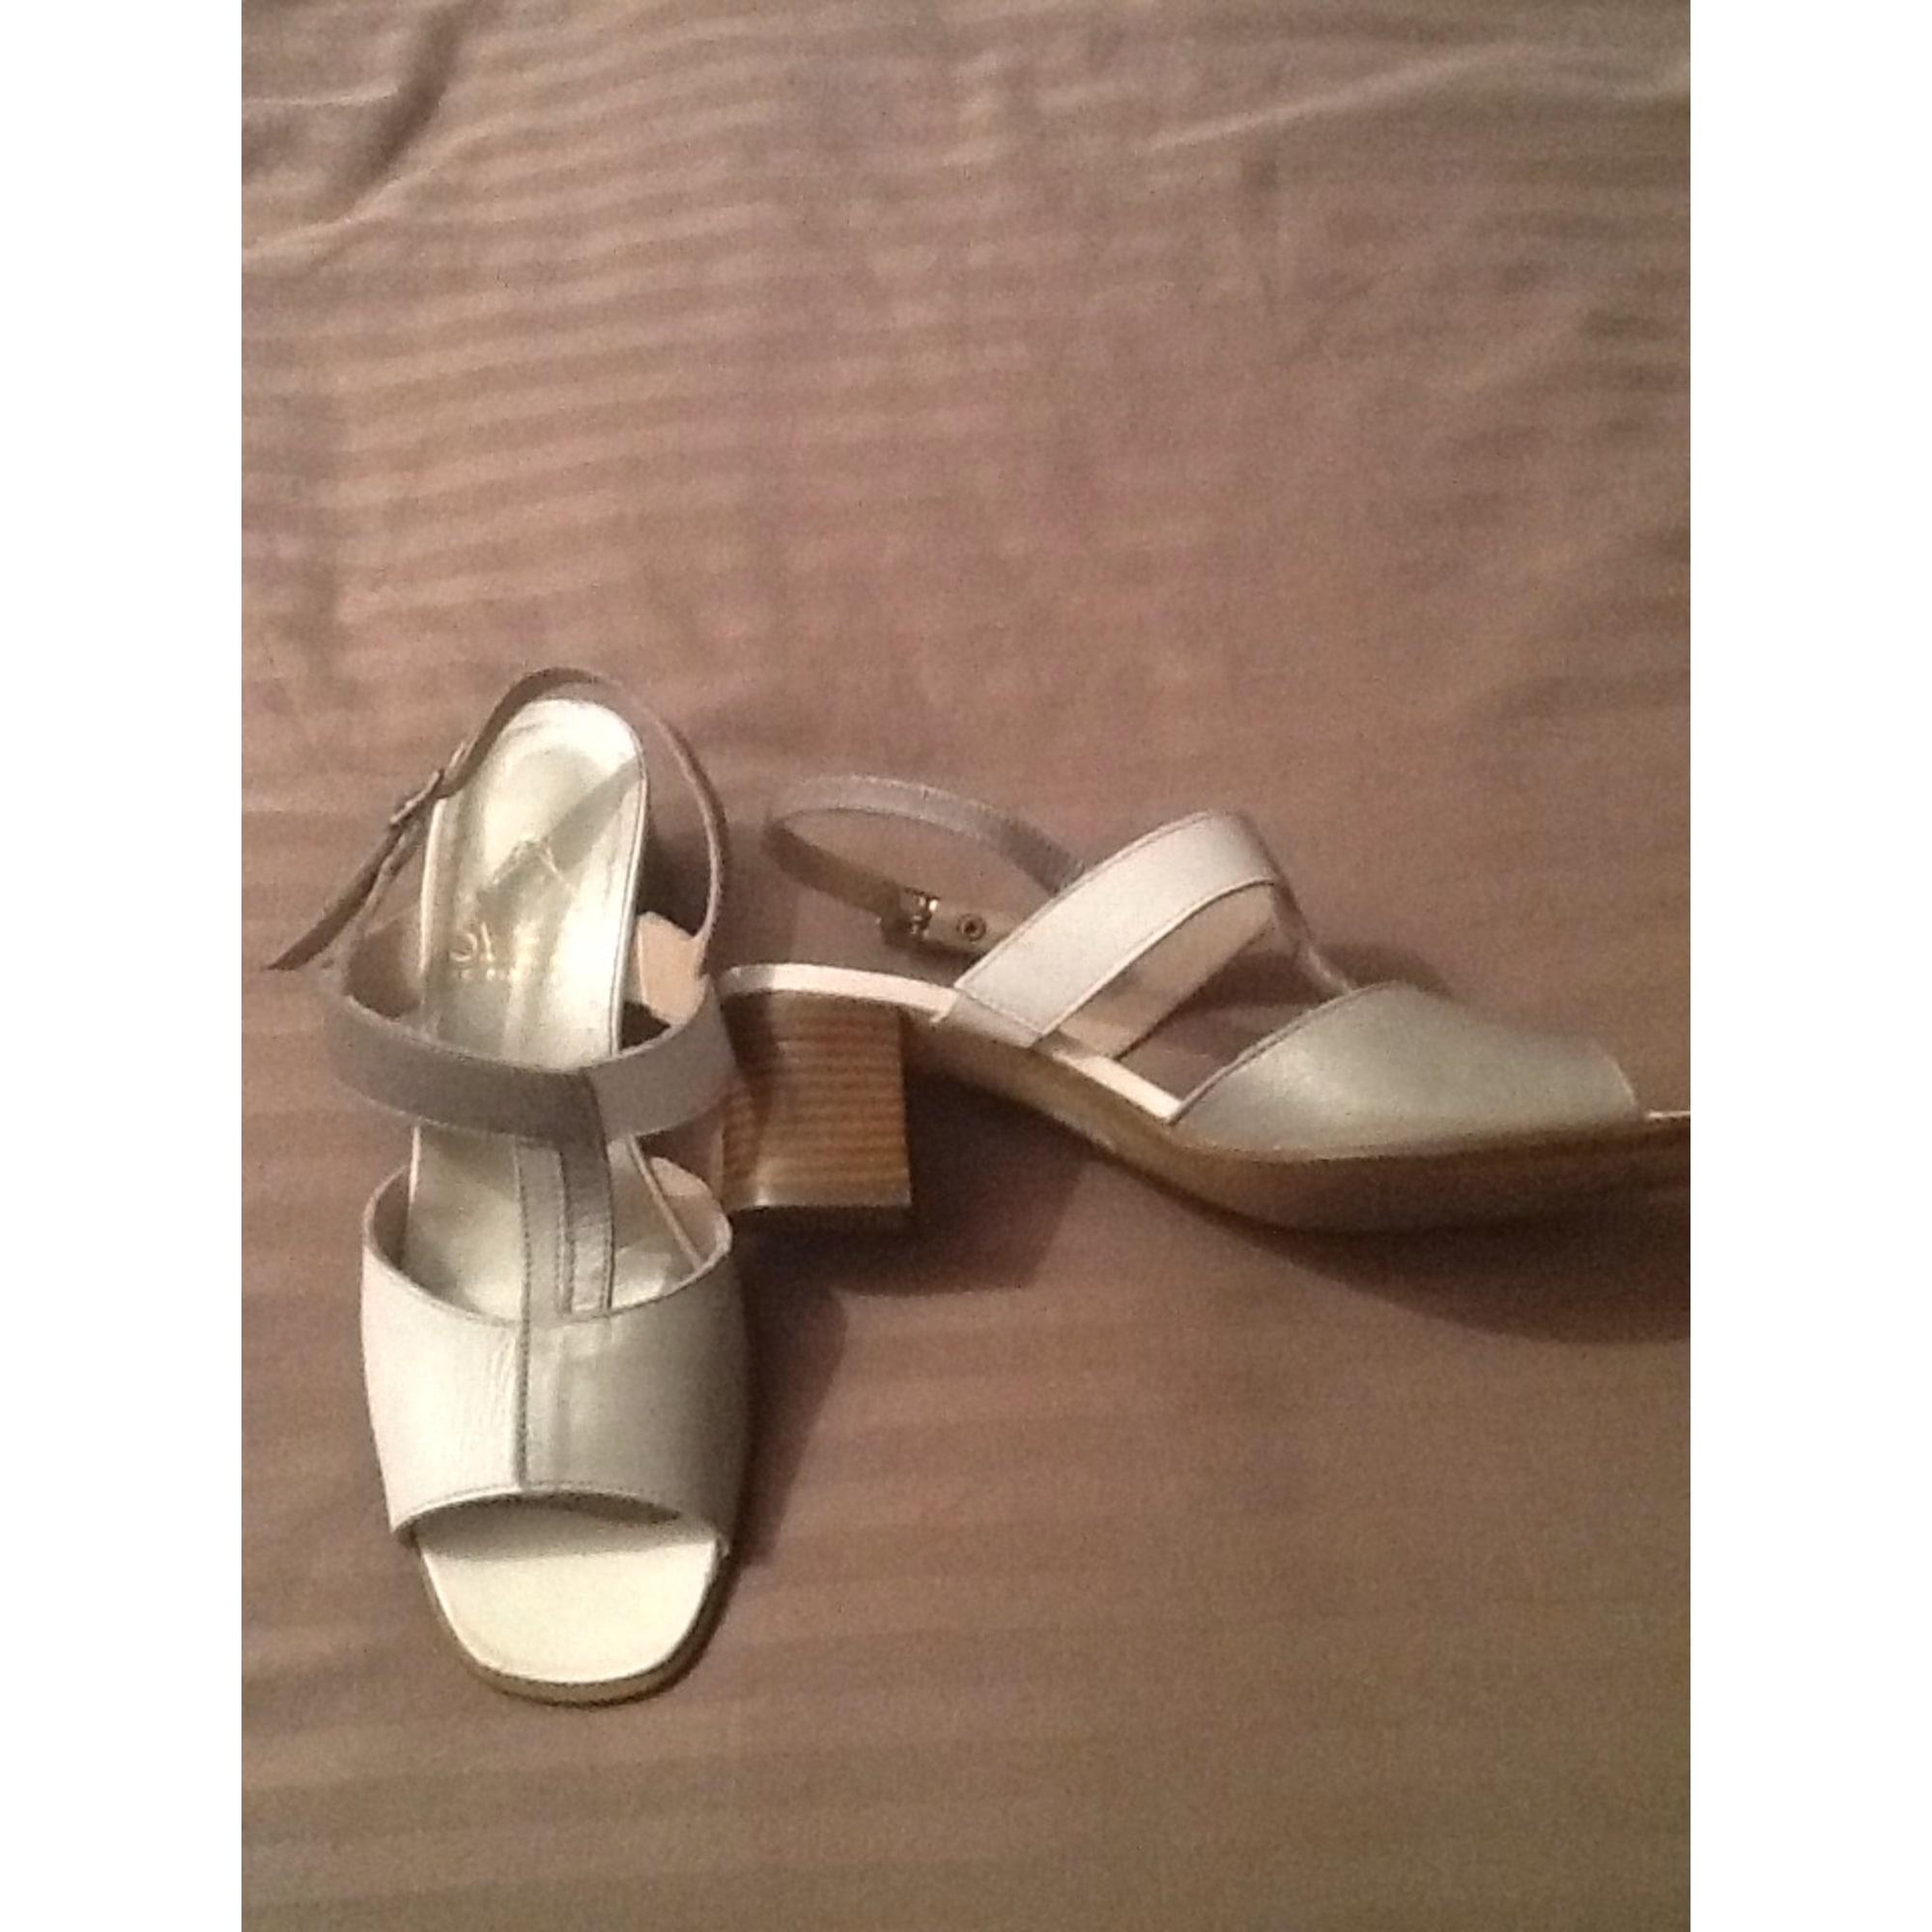 Sandales à talons PINDIÈRE Blanc, blanc cassé, écru